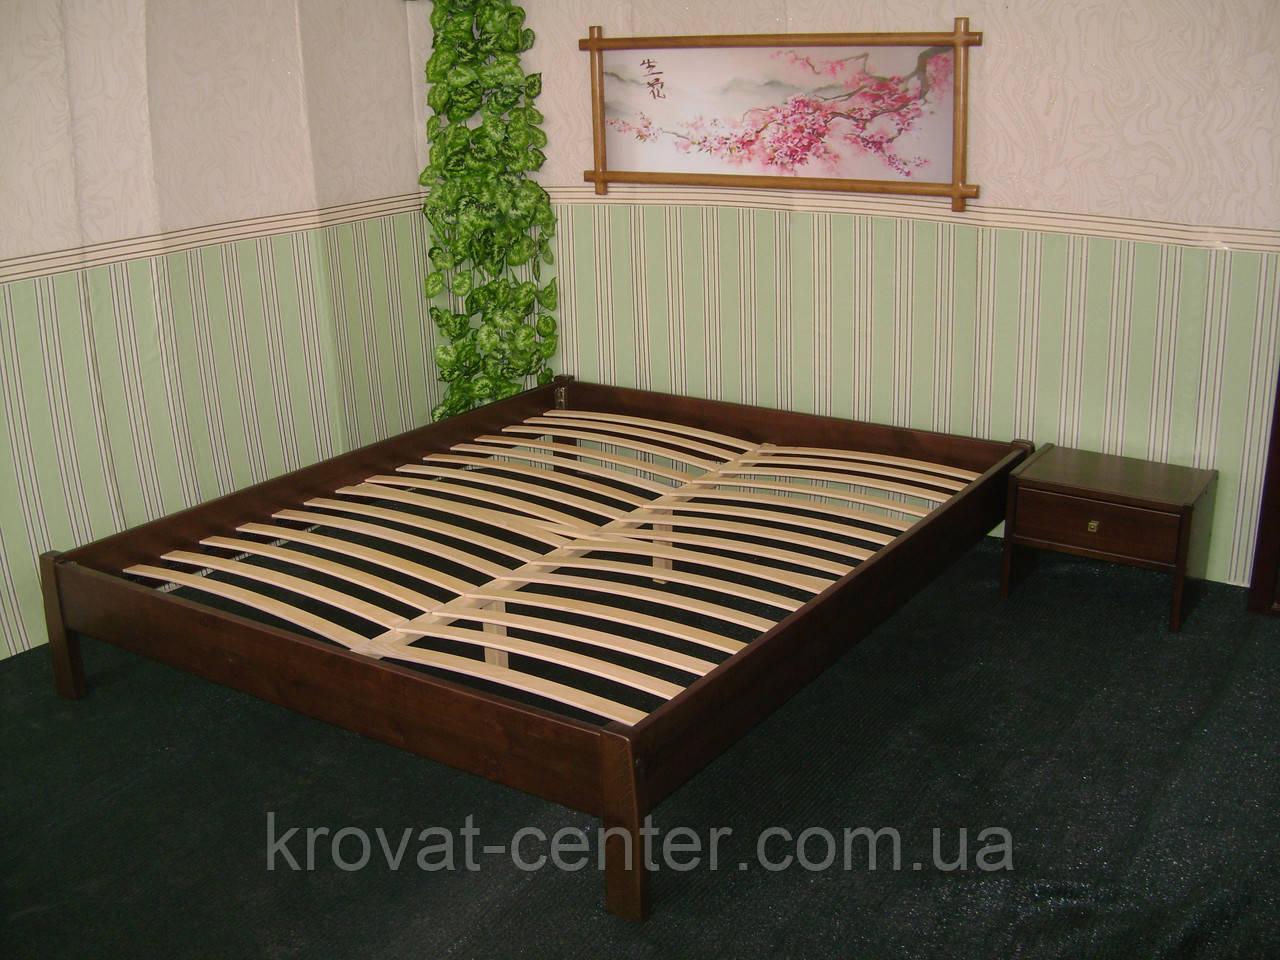 Двуспальная деревянная кровать без изголовья от производителя